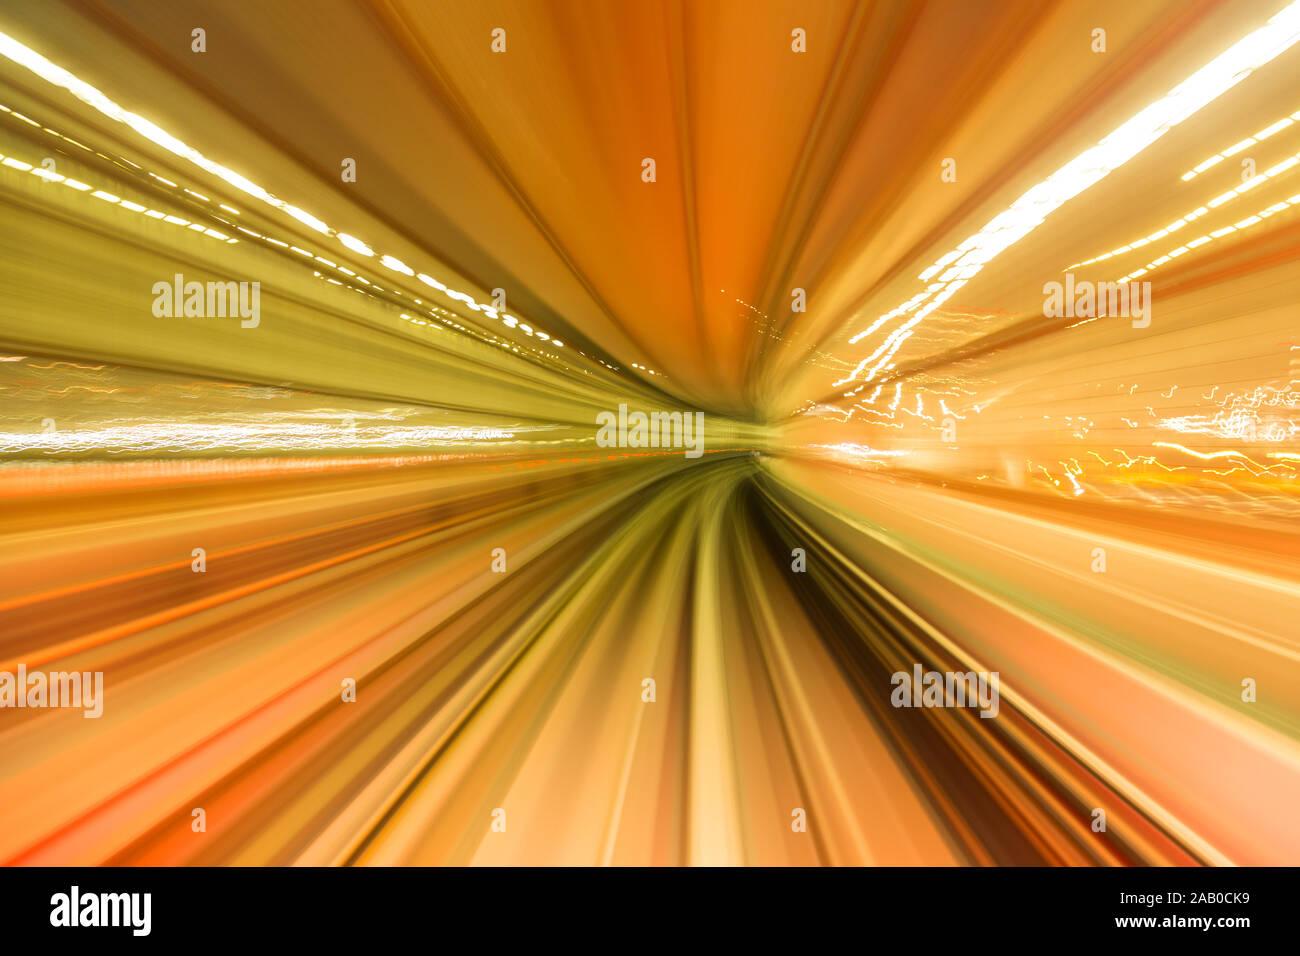 Amarillo de alta velocidad abstracta movimiento curvo hacia el futuro , justo a la vuelta de la esquina, concepto. Foto de stock